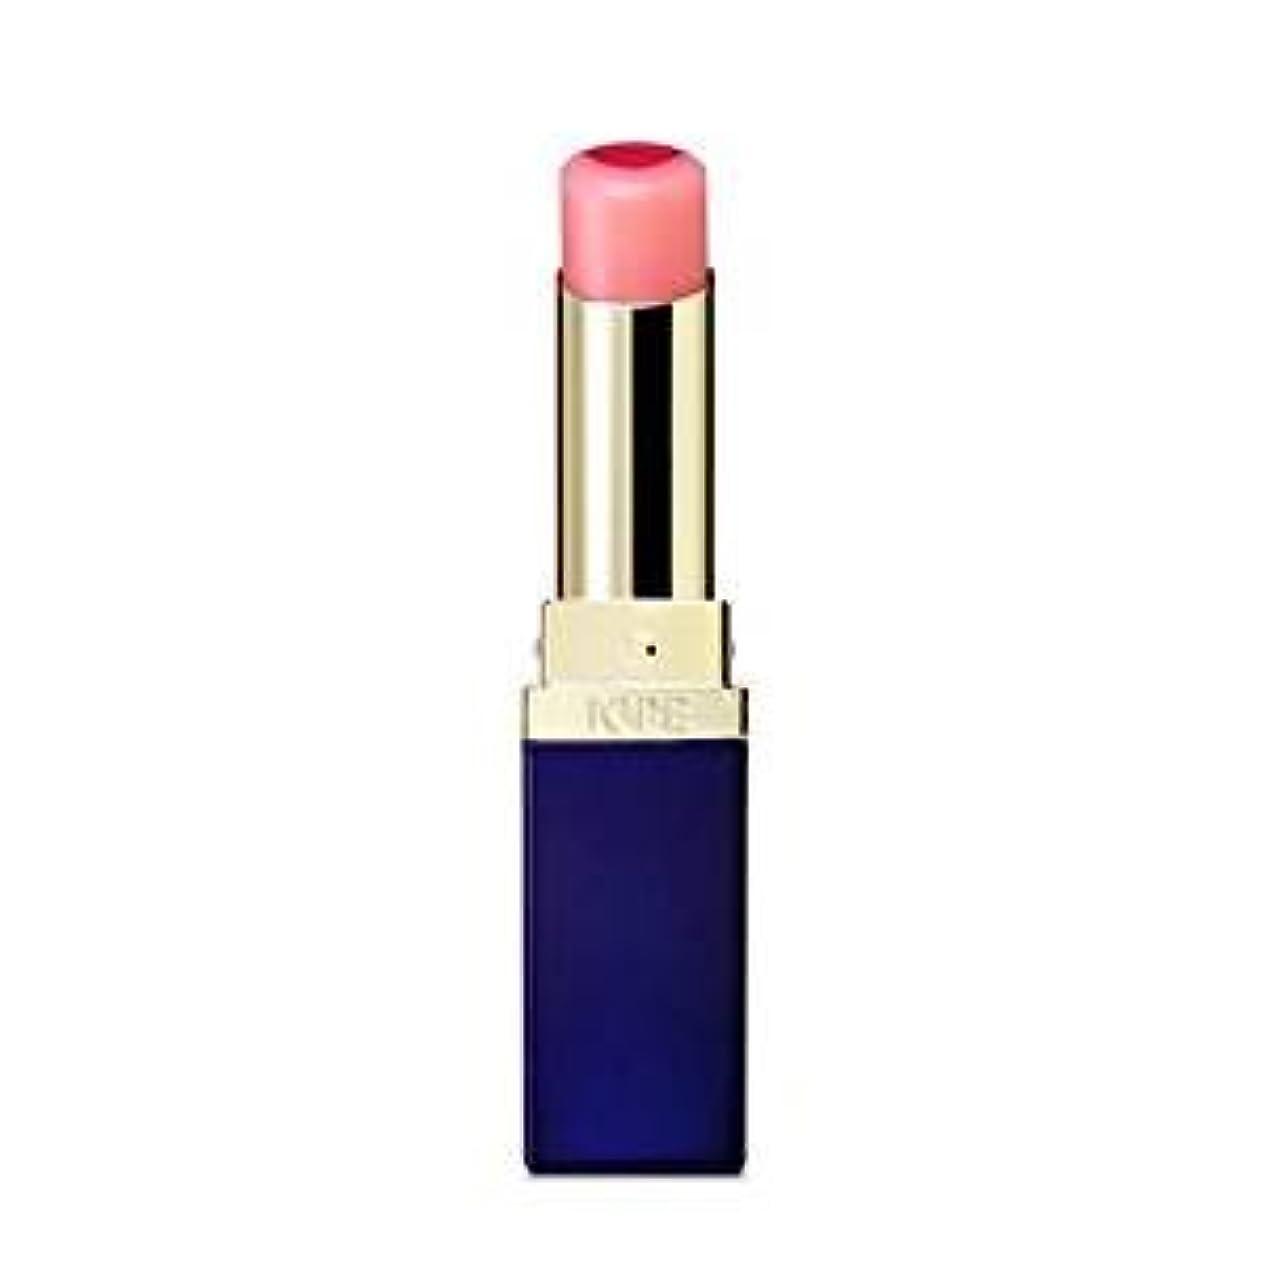 砂漠正気手数料IOPE Dual Lip Blender 3.2g/アイオペ デュアル リップ ブレンダー 3.2g (#3 Pink Blending) [並行輸入品]